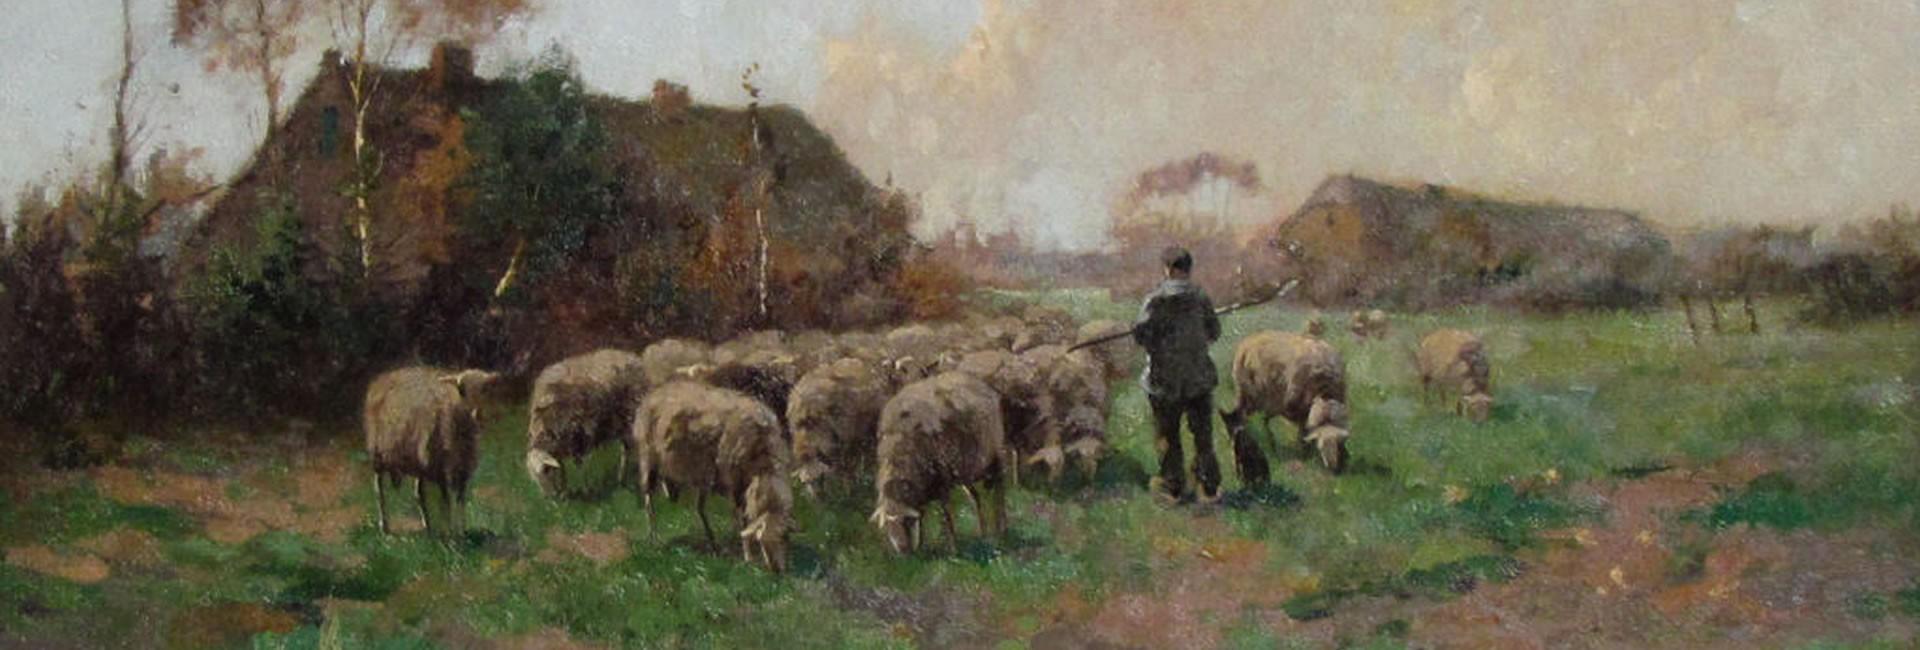 Uitgeverij Drenthe